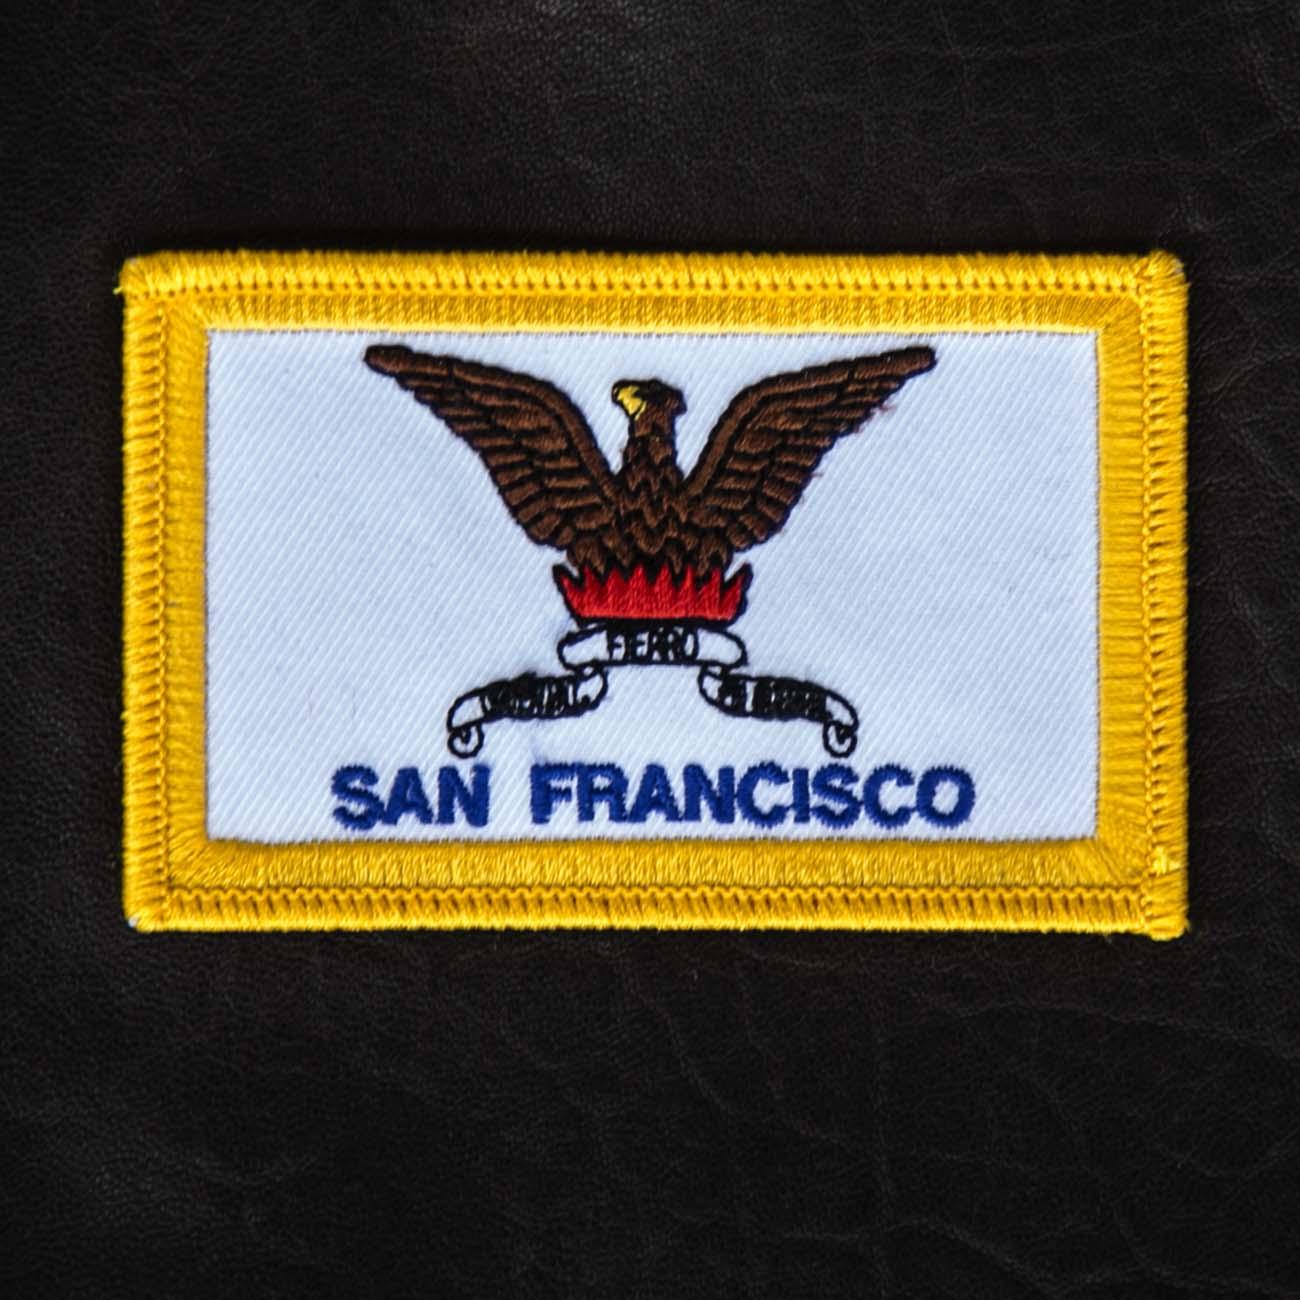 画像1: ワッペン カリフォルニア州サンフランシスコ市旗/Patch SAN FRANCISCO City Flag